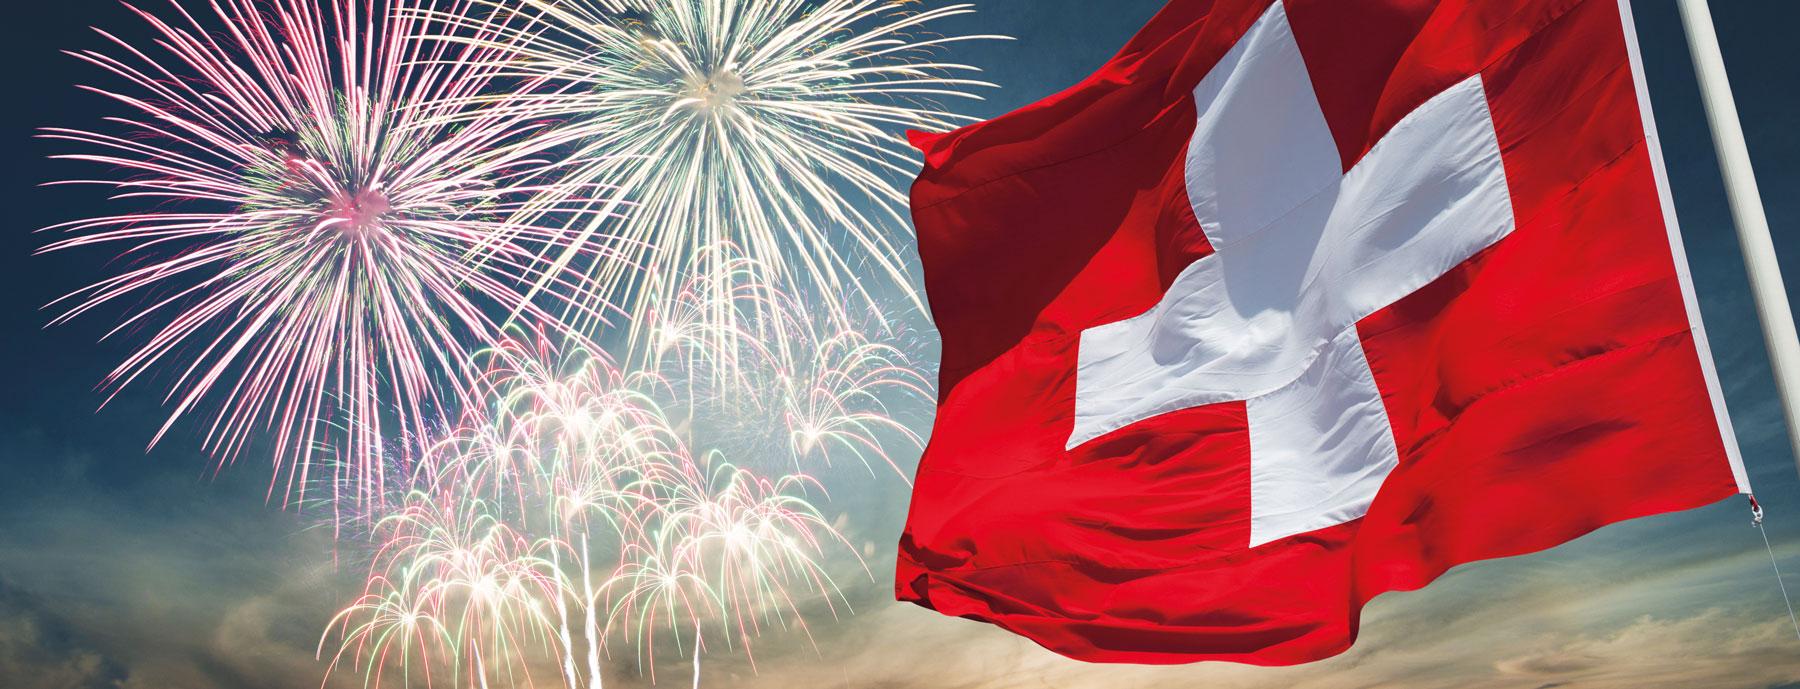 Swiss National Day Celebration 2020